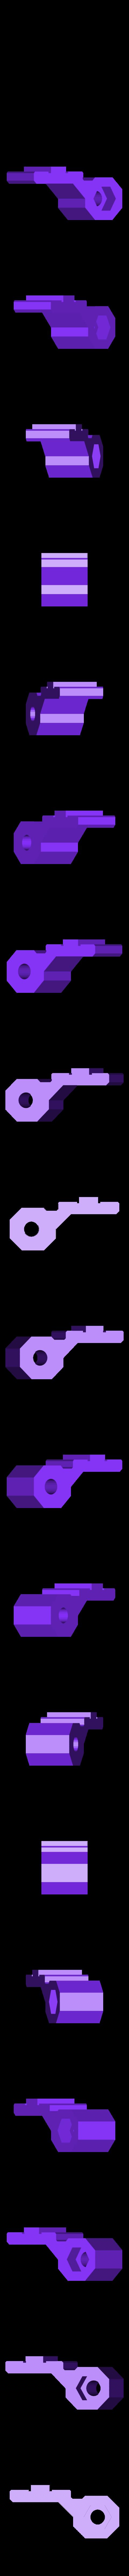 Z-ScrewBracketV2.stl Télécharger fichier STL gratuit Hadron (ORD Bot) Z Réglage fin • Objet pour impression 3D, Duskwin